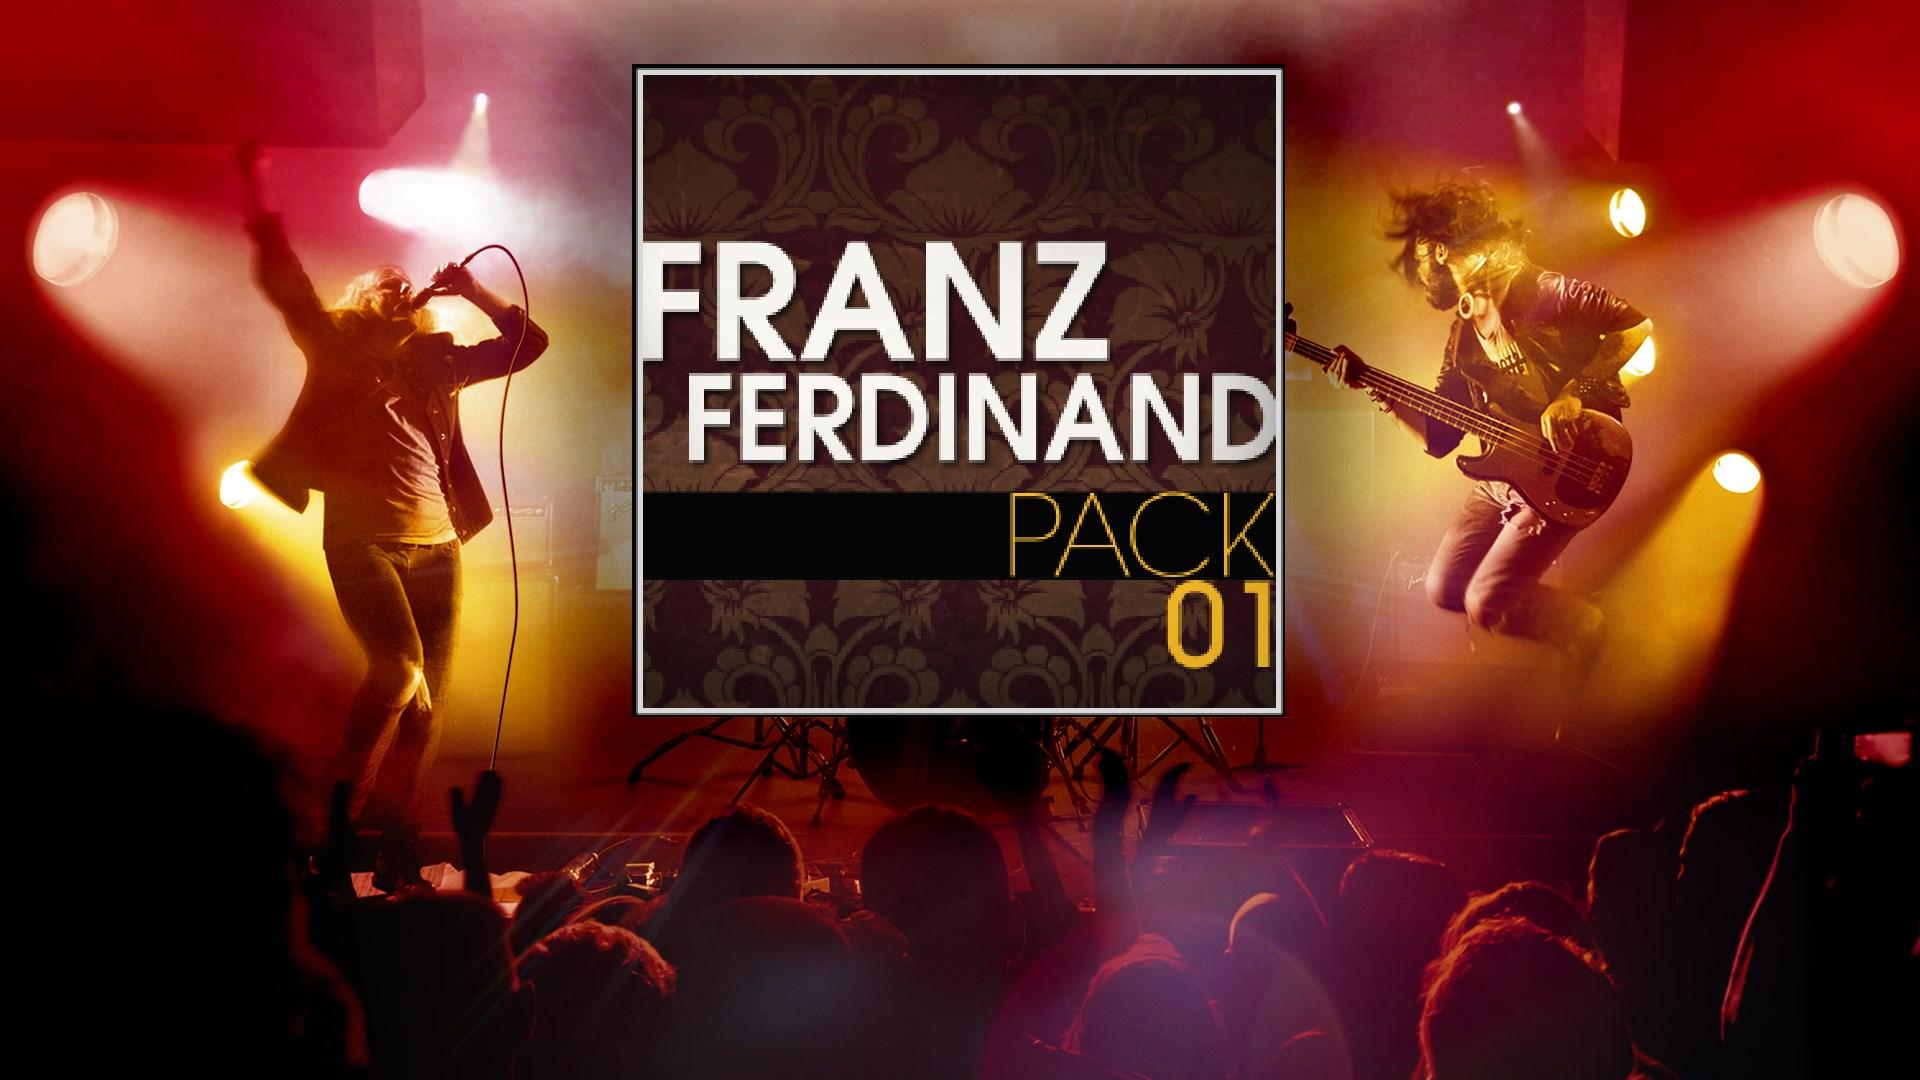 Franz Ferdinand Pack 01